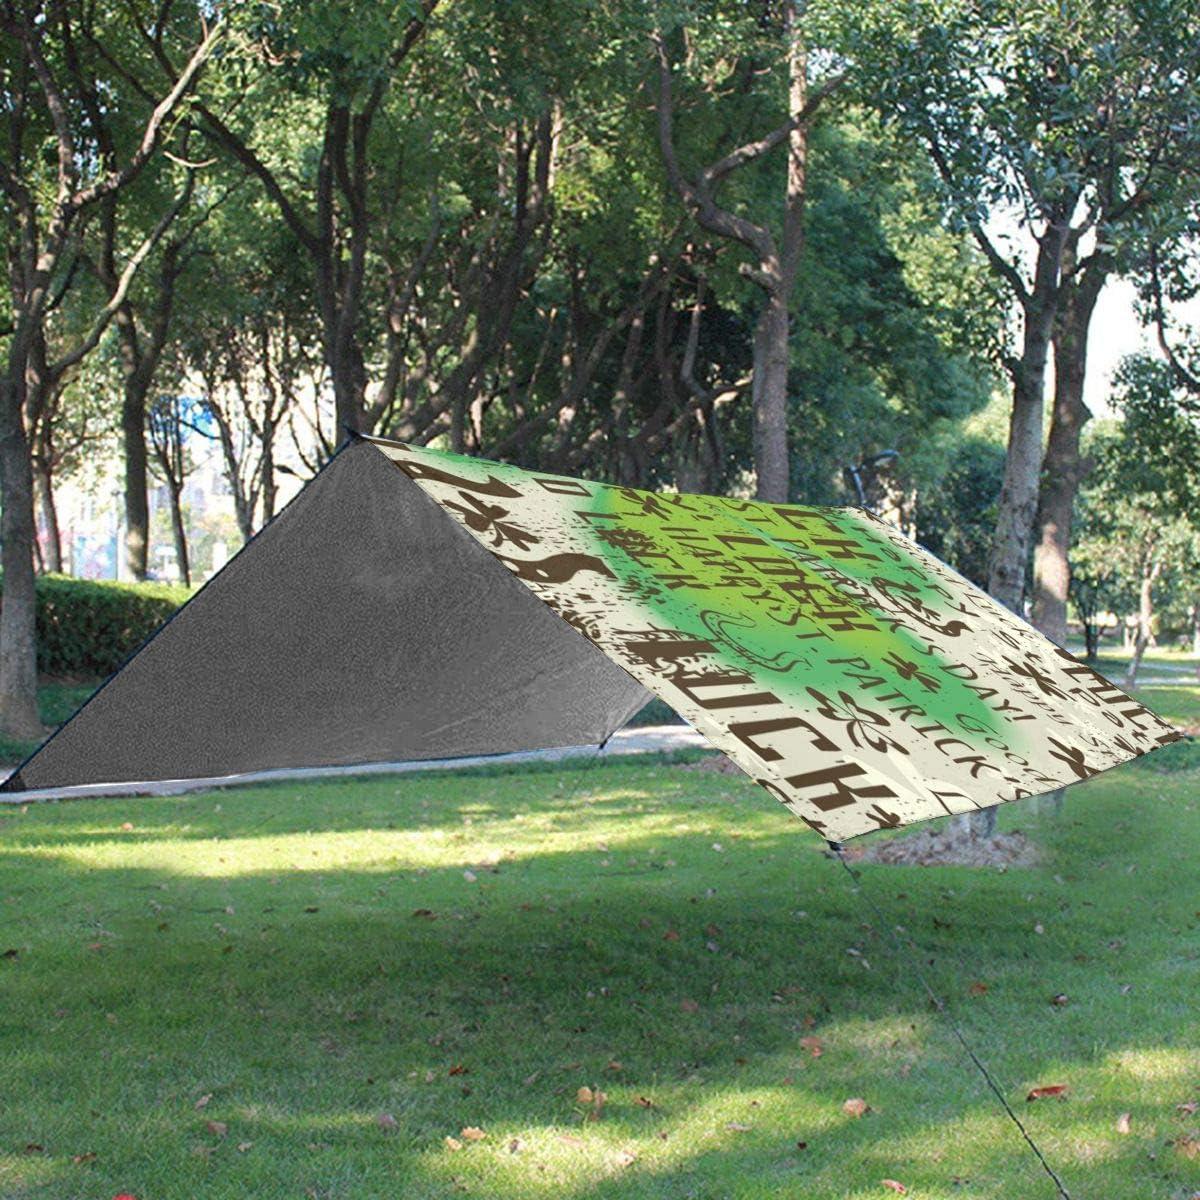 Txc9ds - Tappetino da picnic a due colori, per pappagalli, picnic, parco, spiaggia, campeggio, portatile, impermeabile Giorno del Patrizio delle Tre Foglie